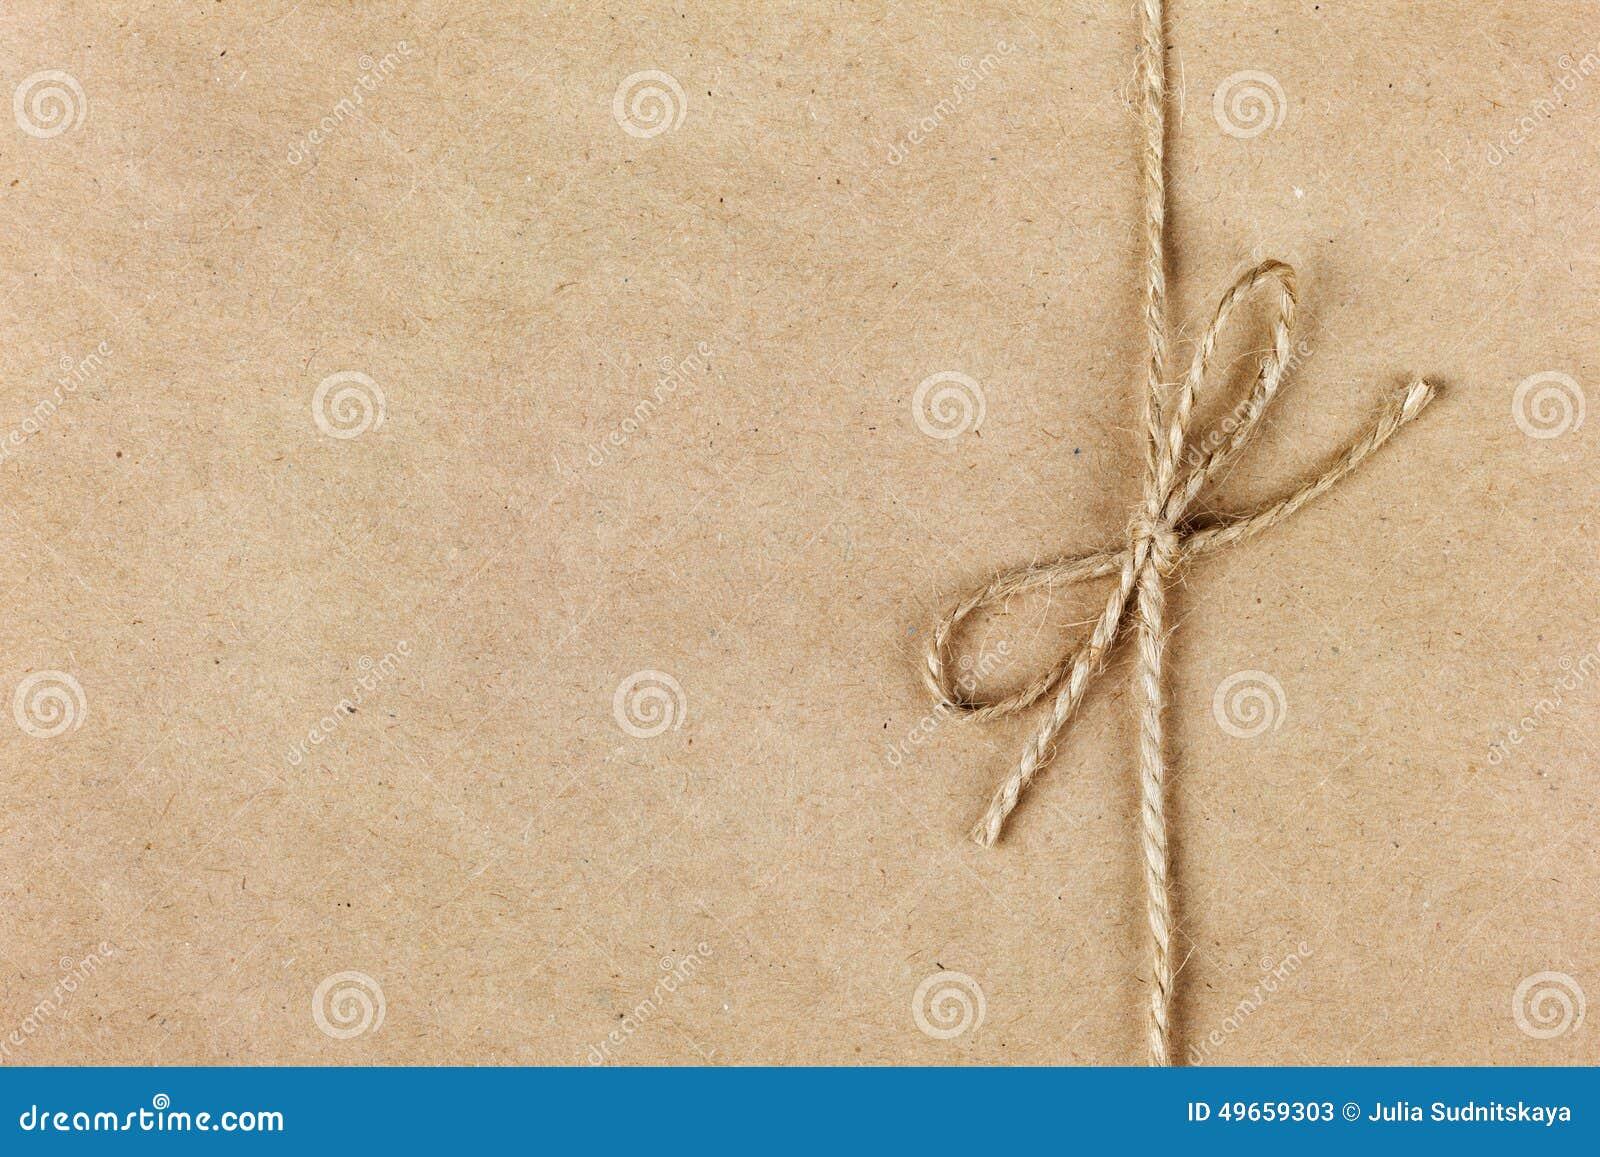 Stränga eller tvinna bundet i en pilbåge på kraft papper